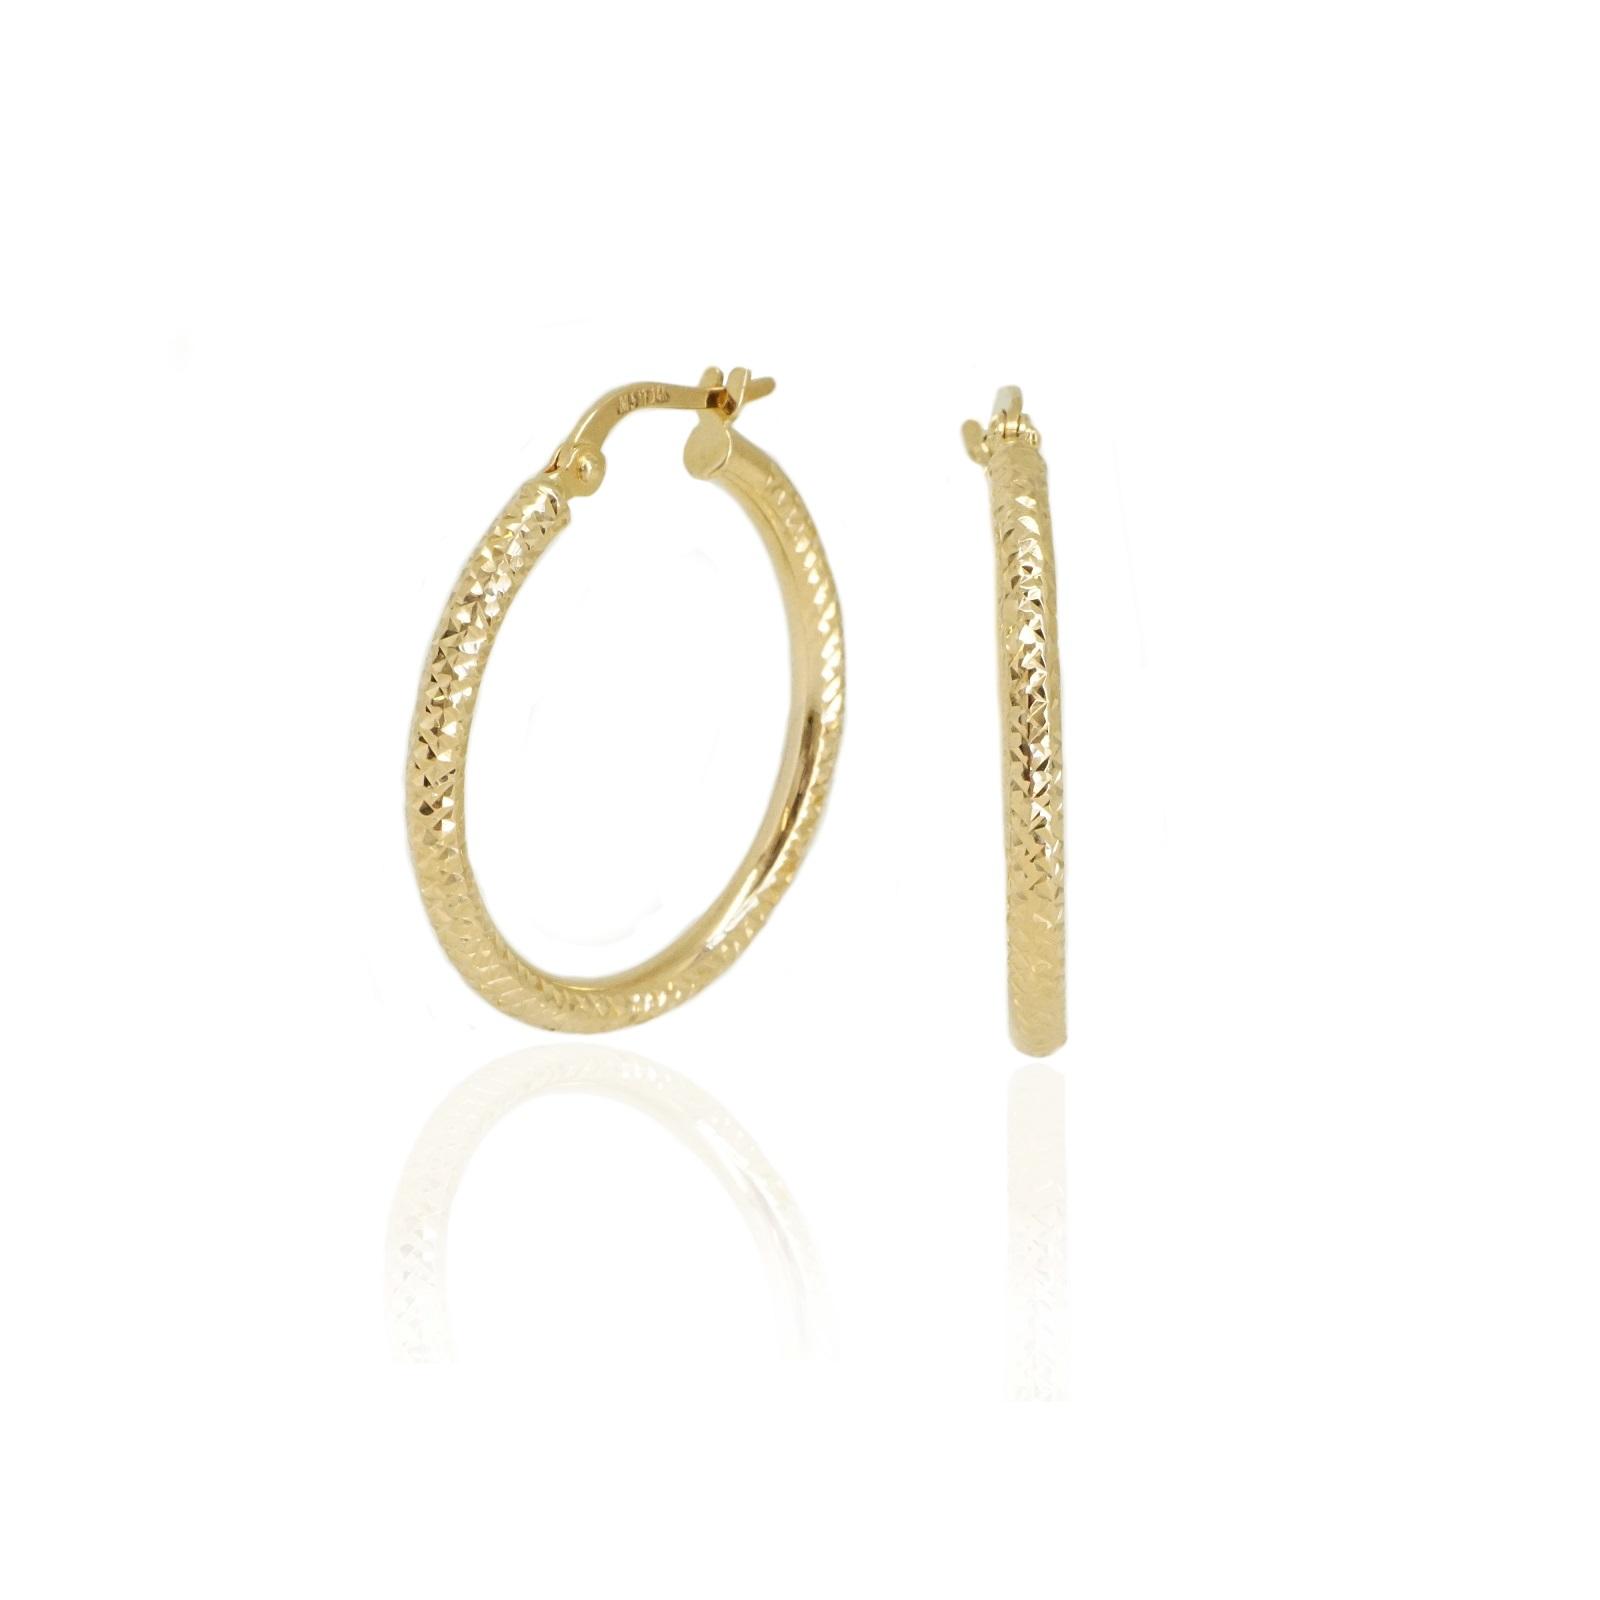 עגילי חישוק זהב מעוצבים עם חריטת לייזר 2.5 סמ